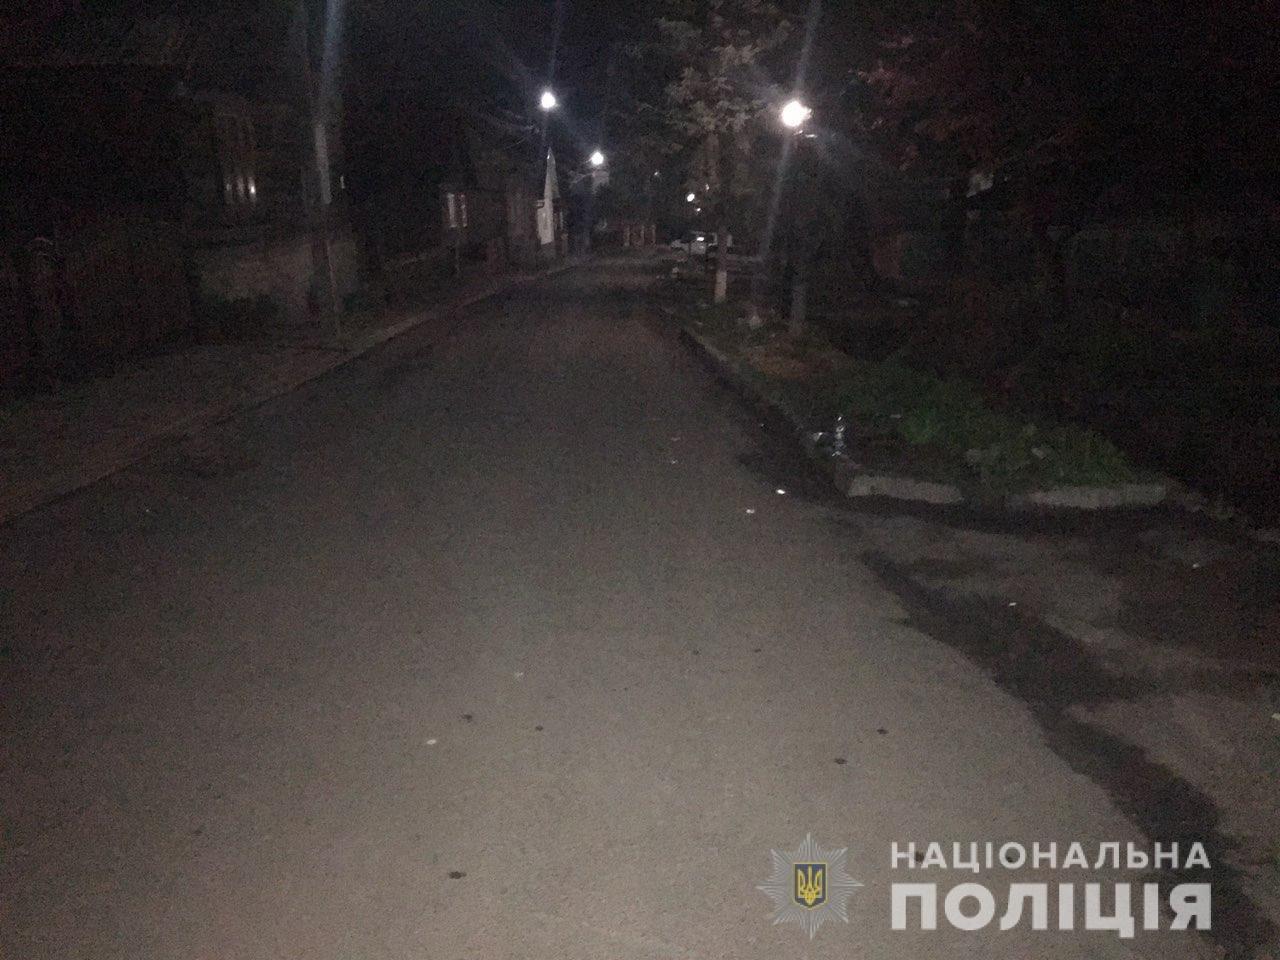 Трагедія у Рахові: в результаті наїзду мотоцикла на людей загинув 14-річний пасажир (ФОТО), фото-2